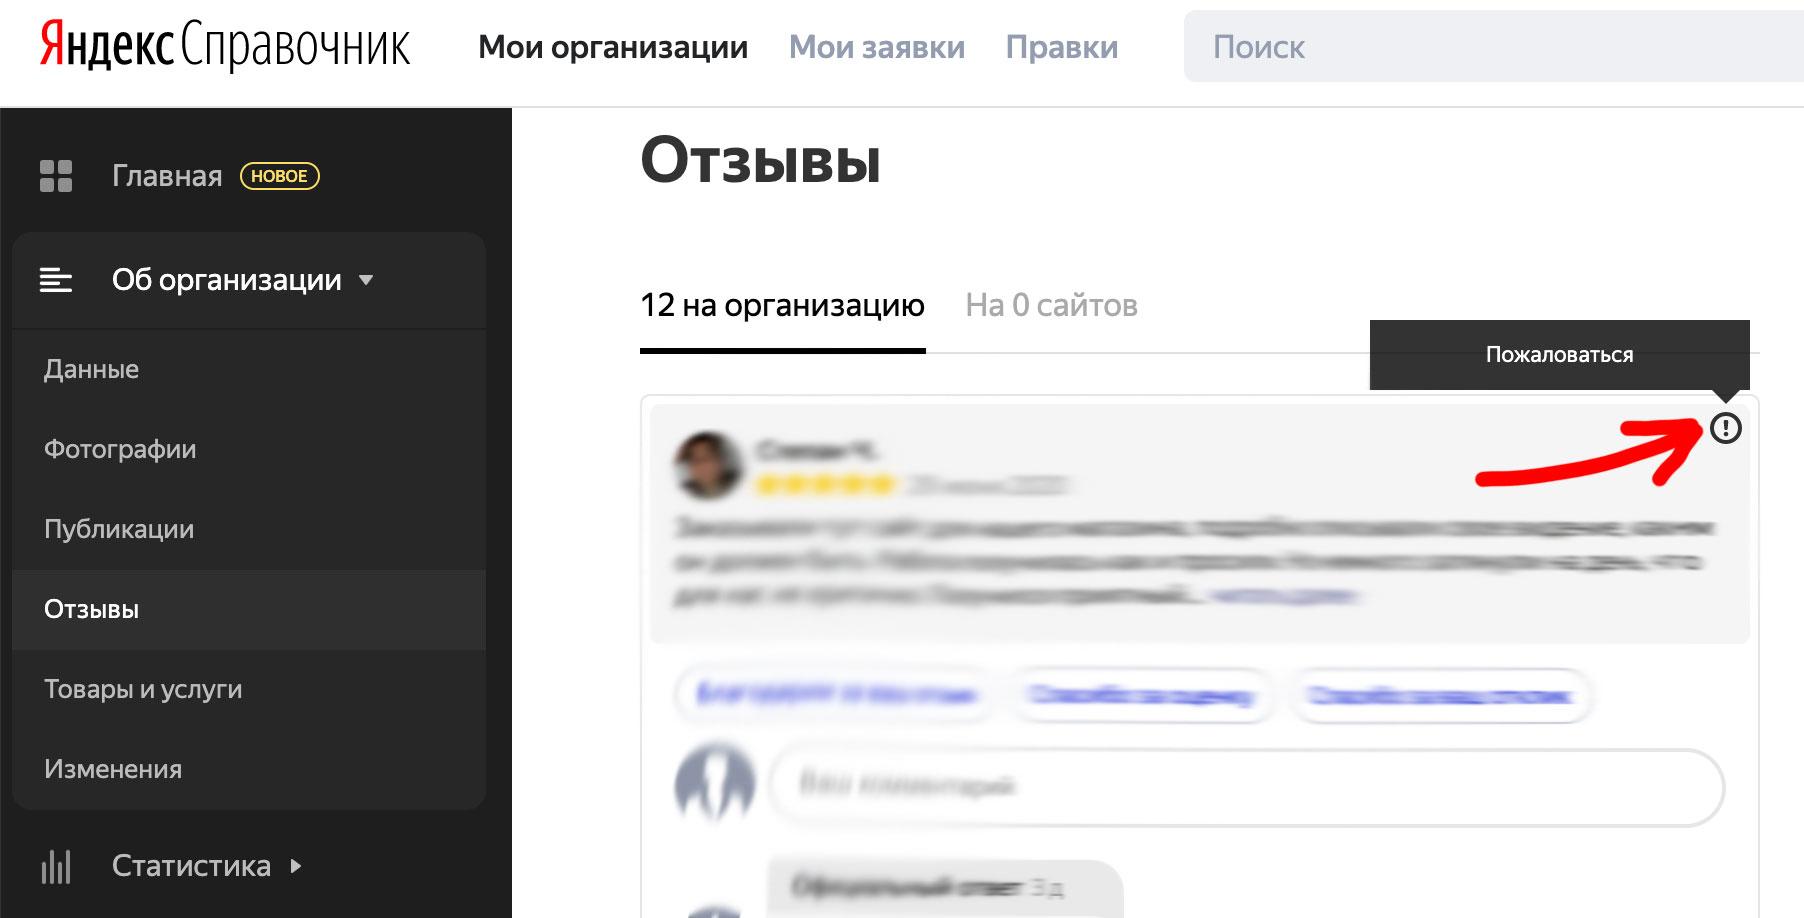 Отзывы в Яндекс Справочнике, как удалить отзыв